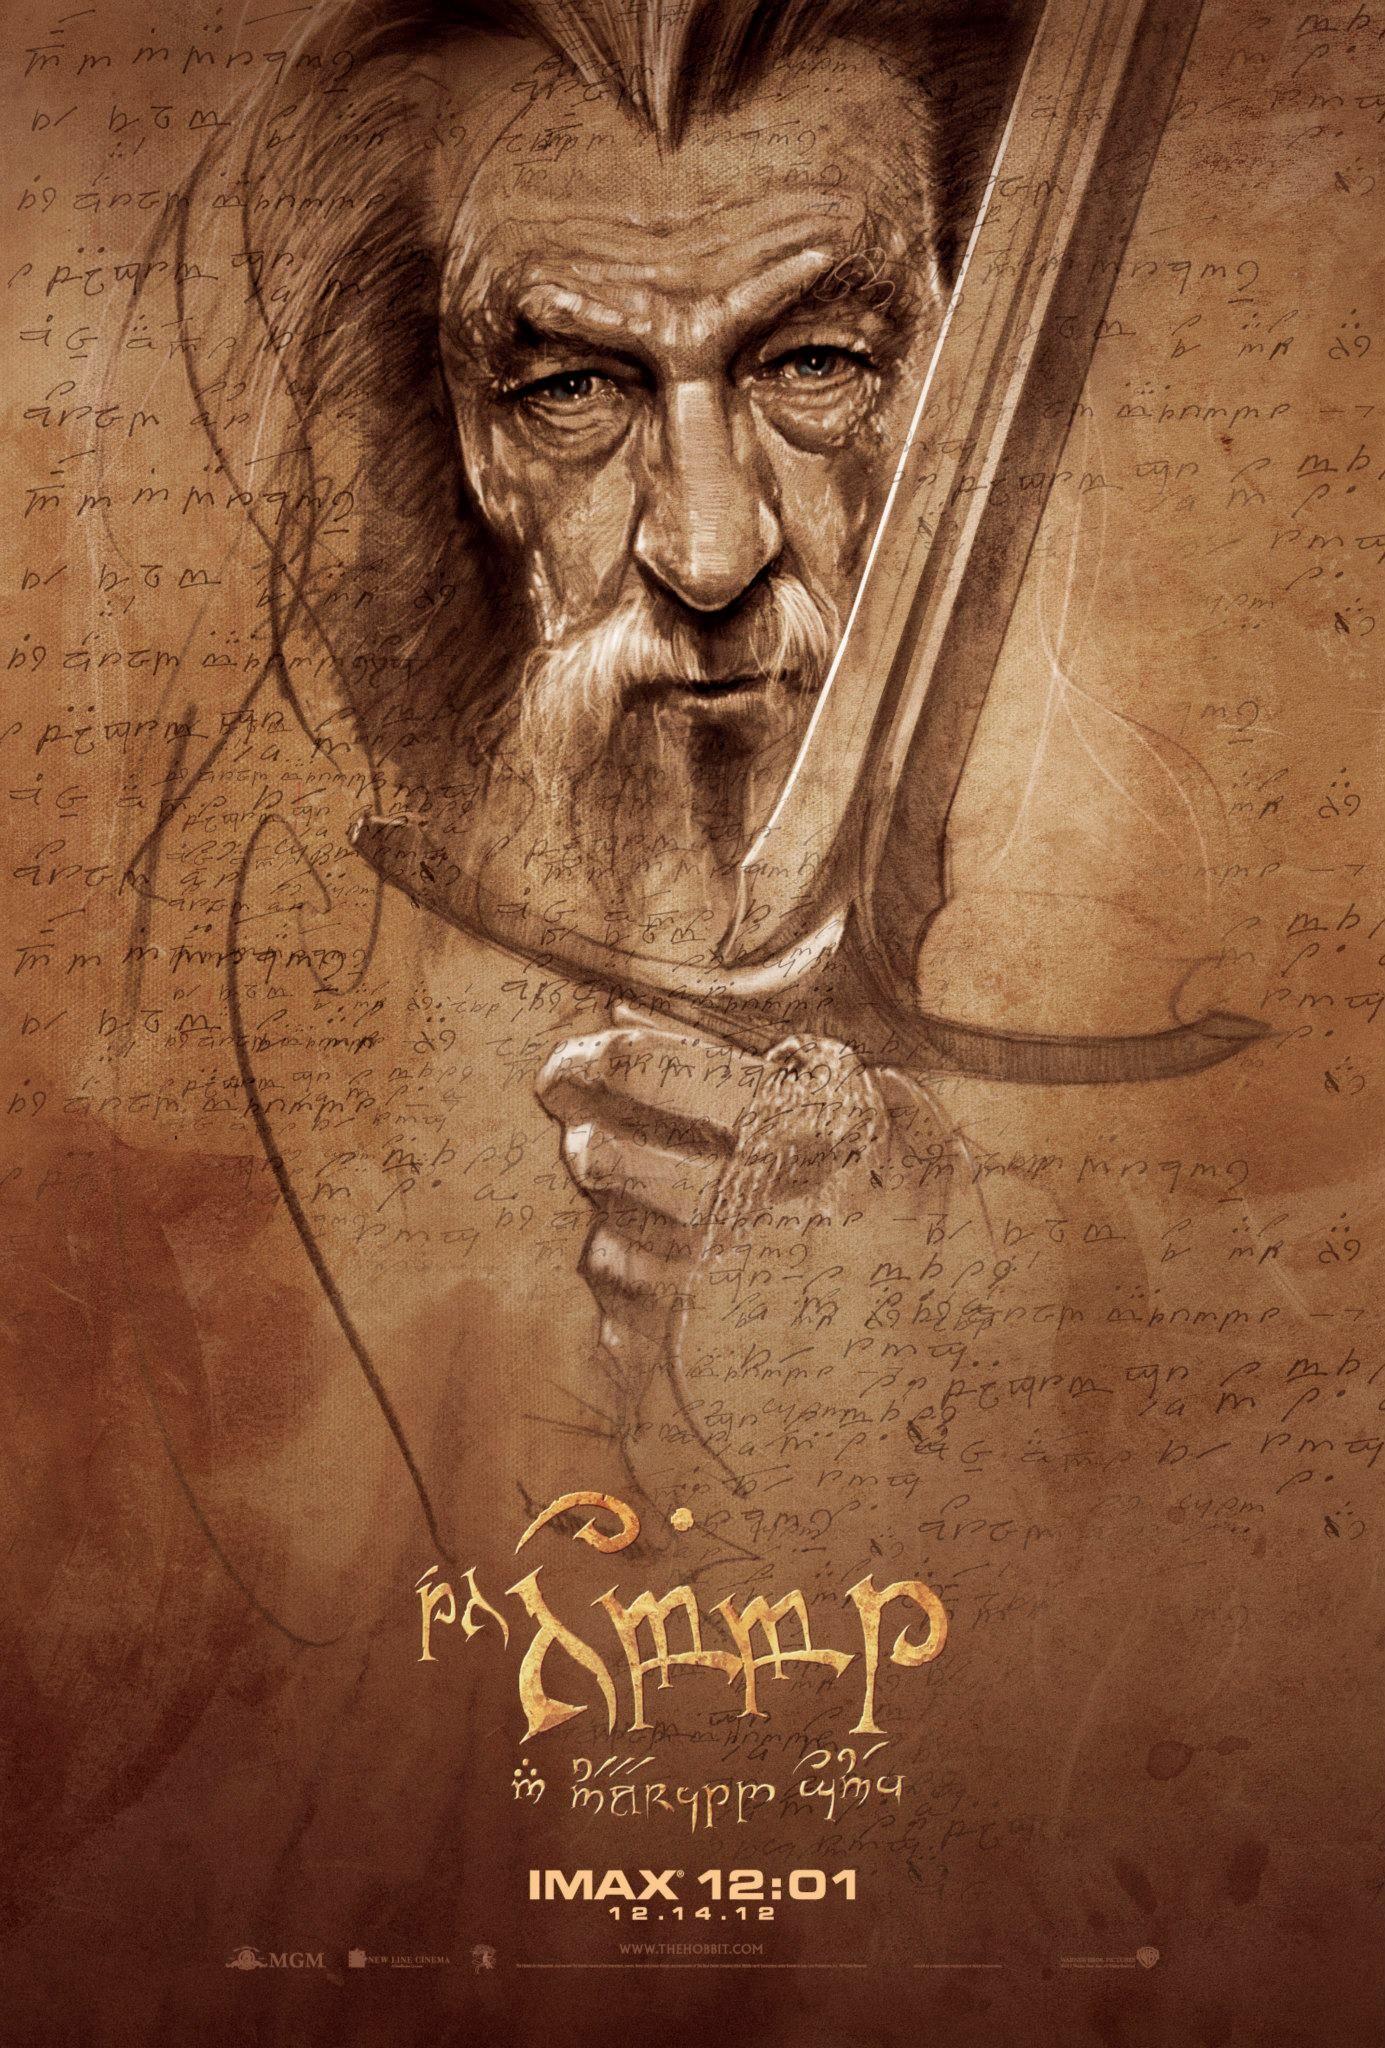 Gandalf poster   Tolkien - Rest   Pinterest   Señor, El señor y Anillos